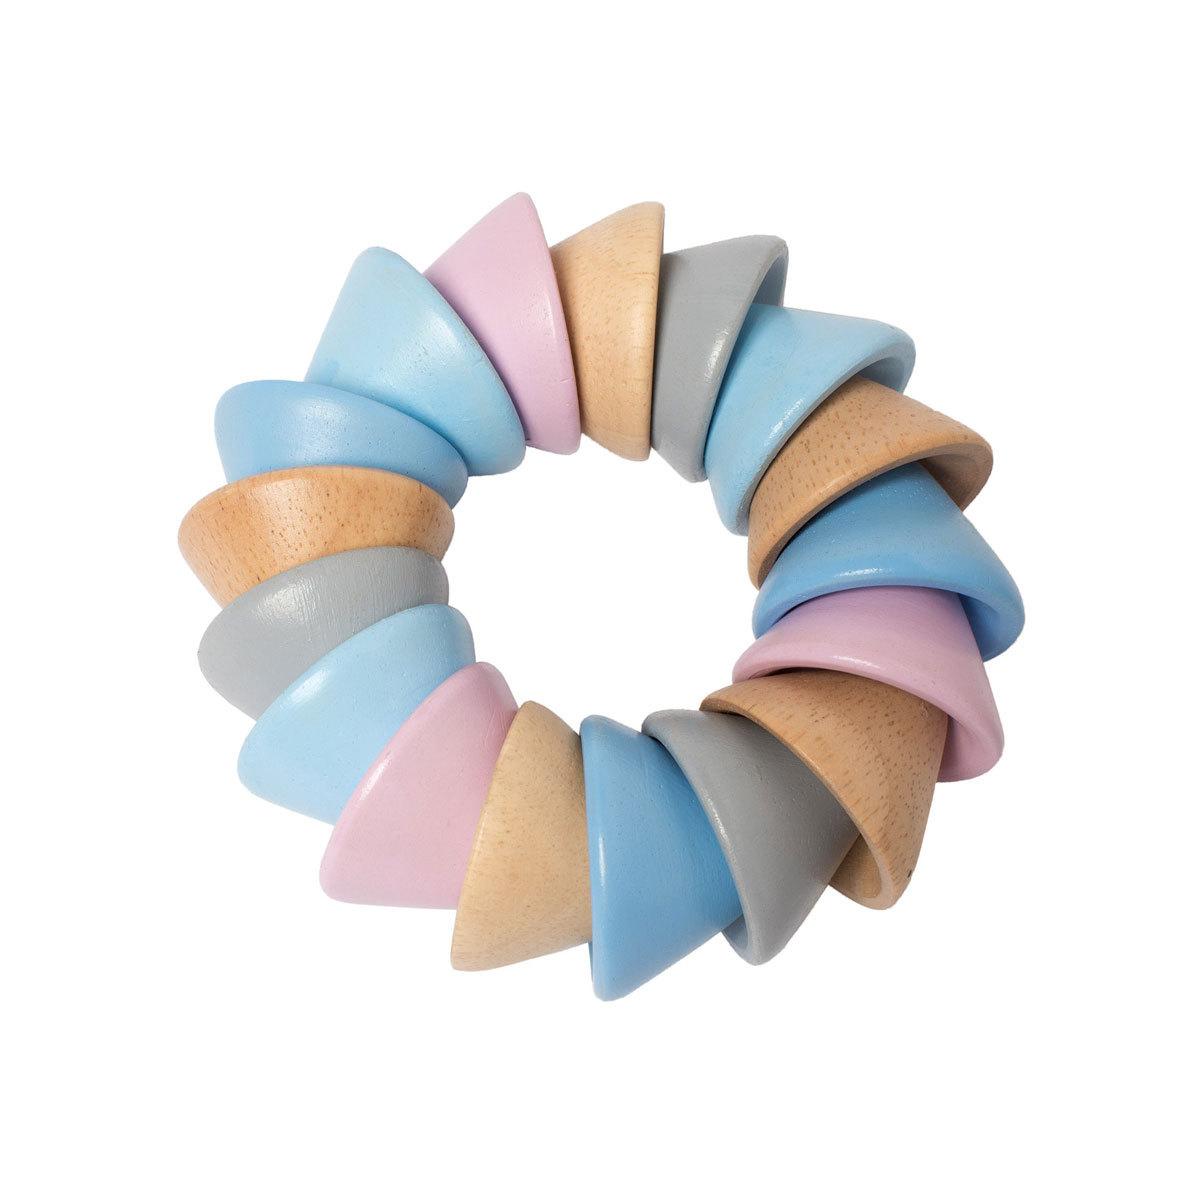 Anneau de dentition Jouet dentition Baby Cones - Pastel Jouet dentition Baby Cones - Pastel